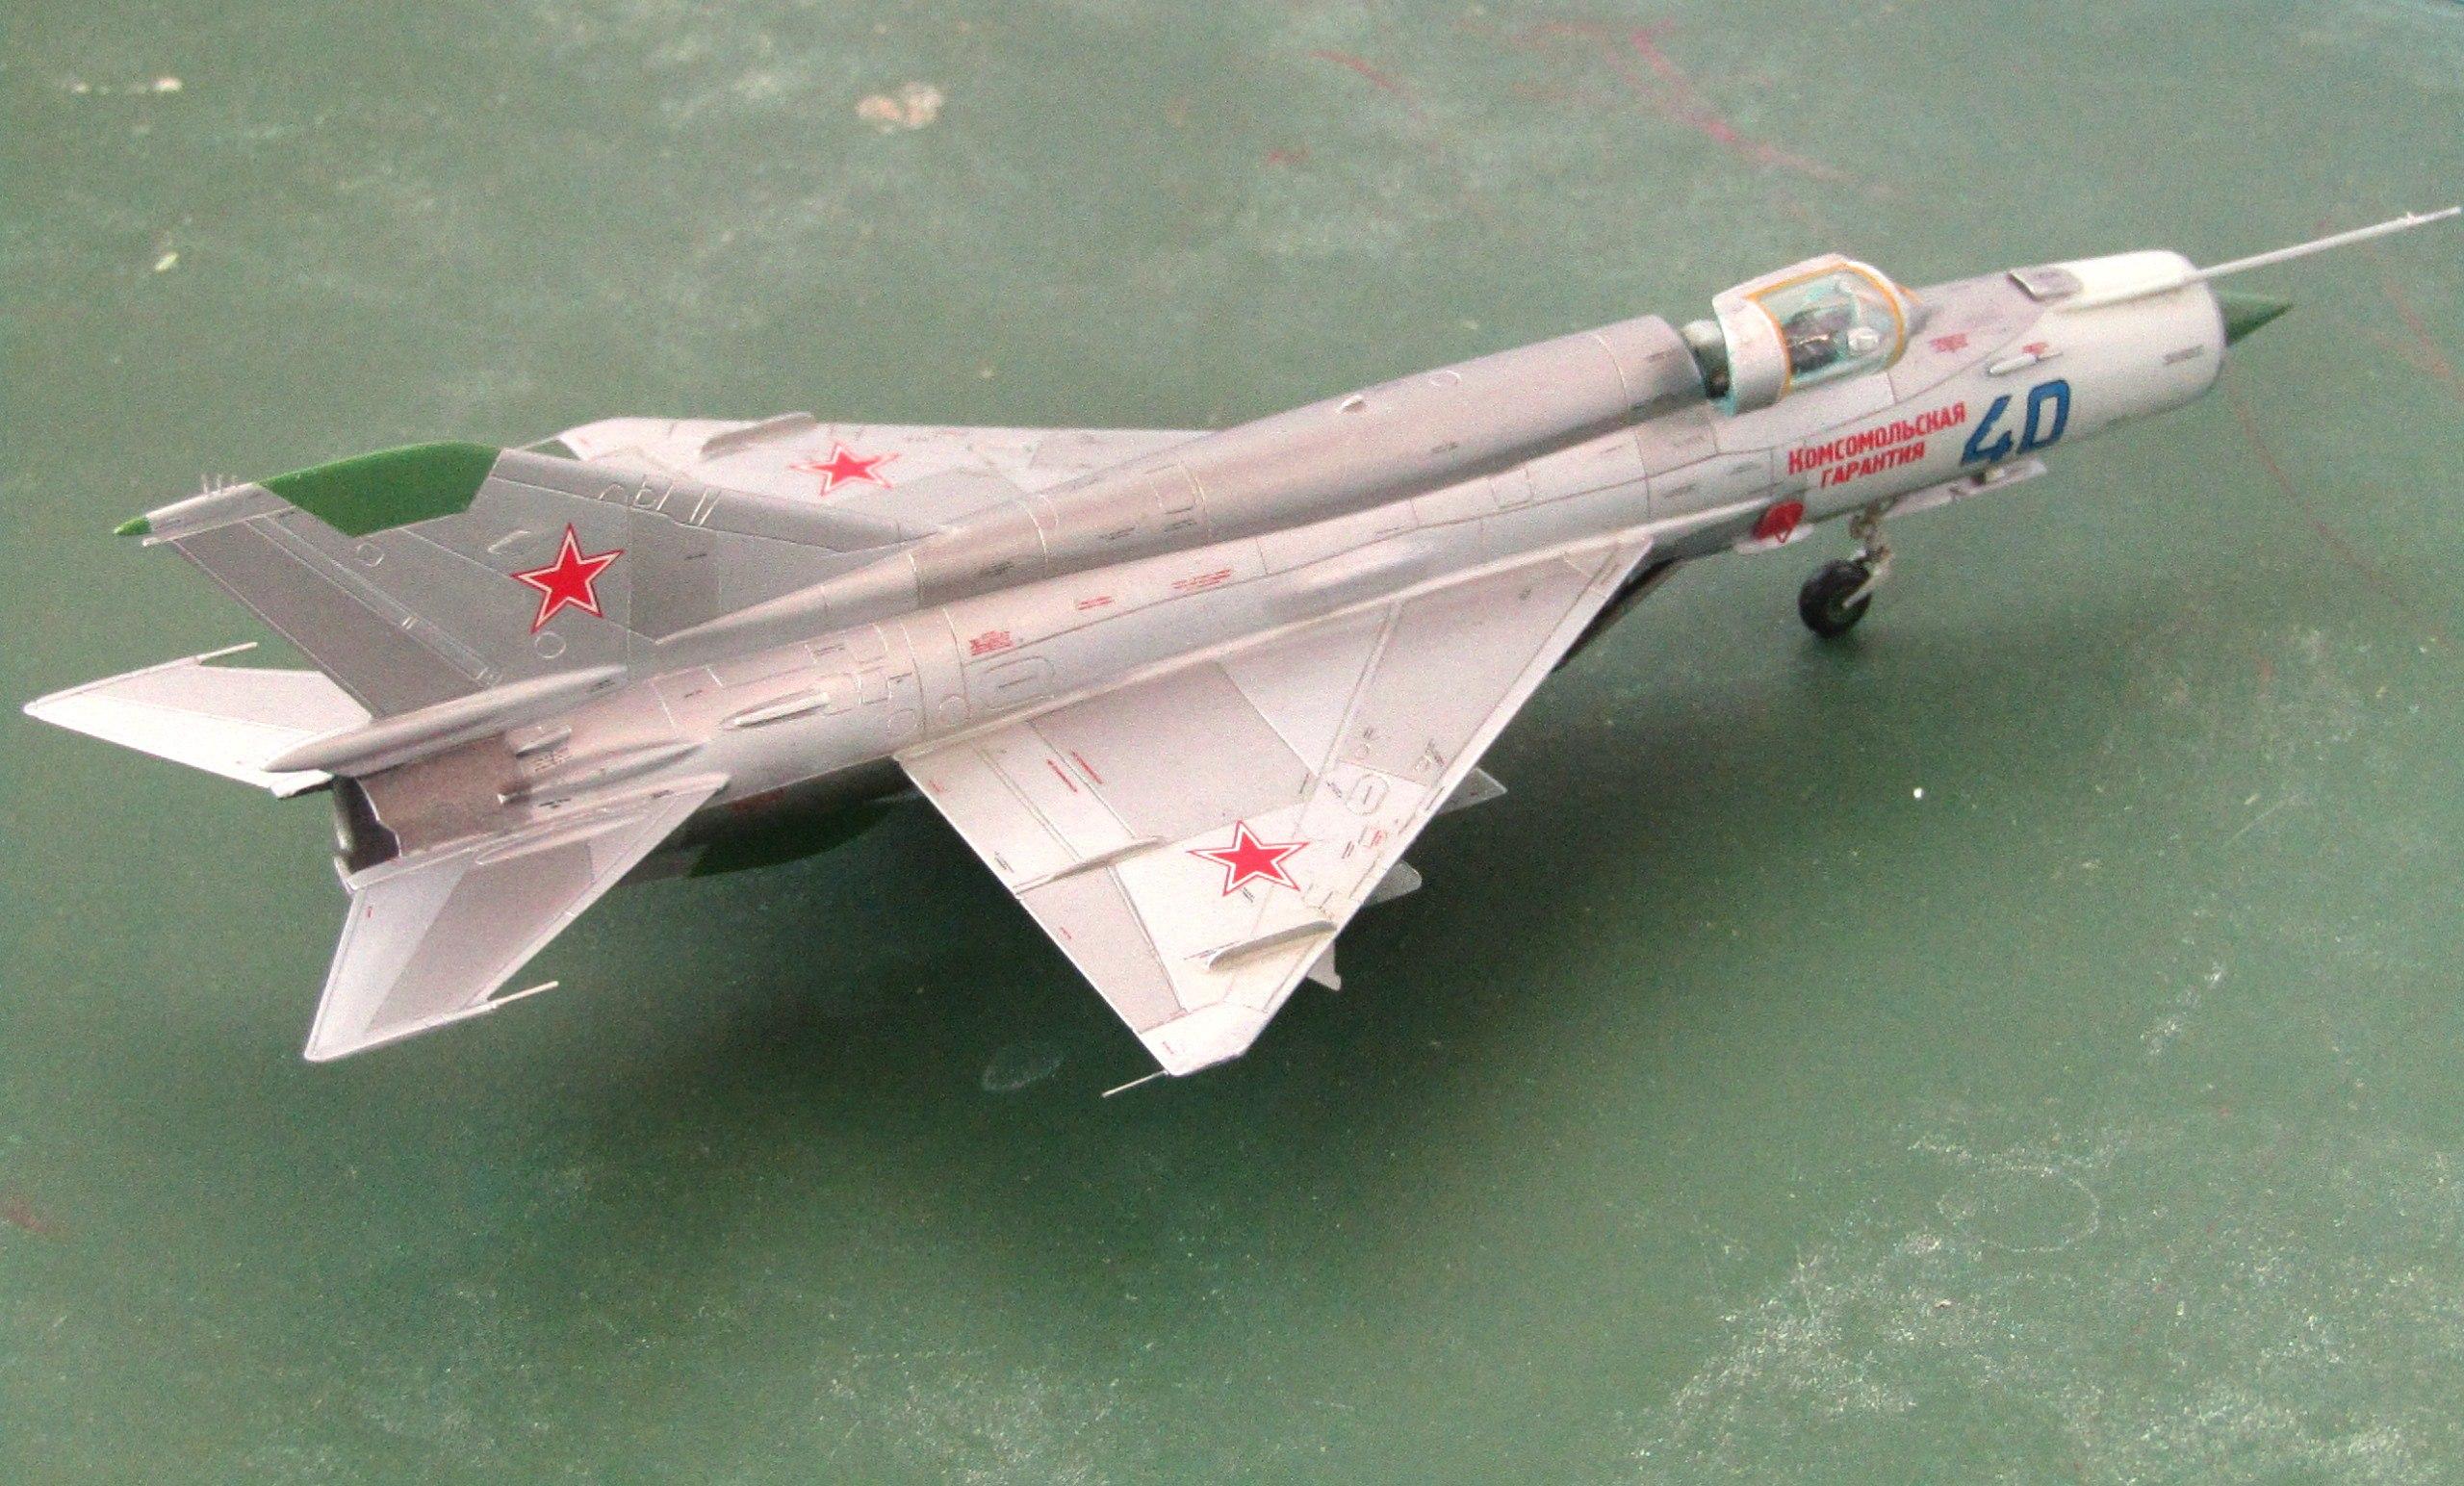 МиГ-21БИС 1/72 (Звезда) Vb1pcBFn3ps